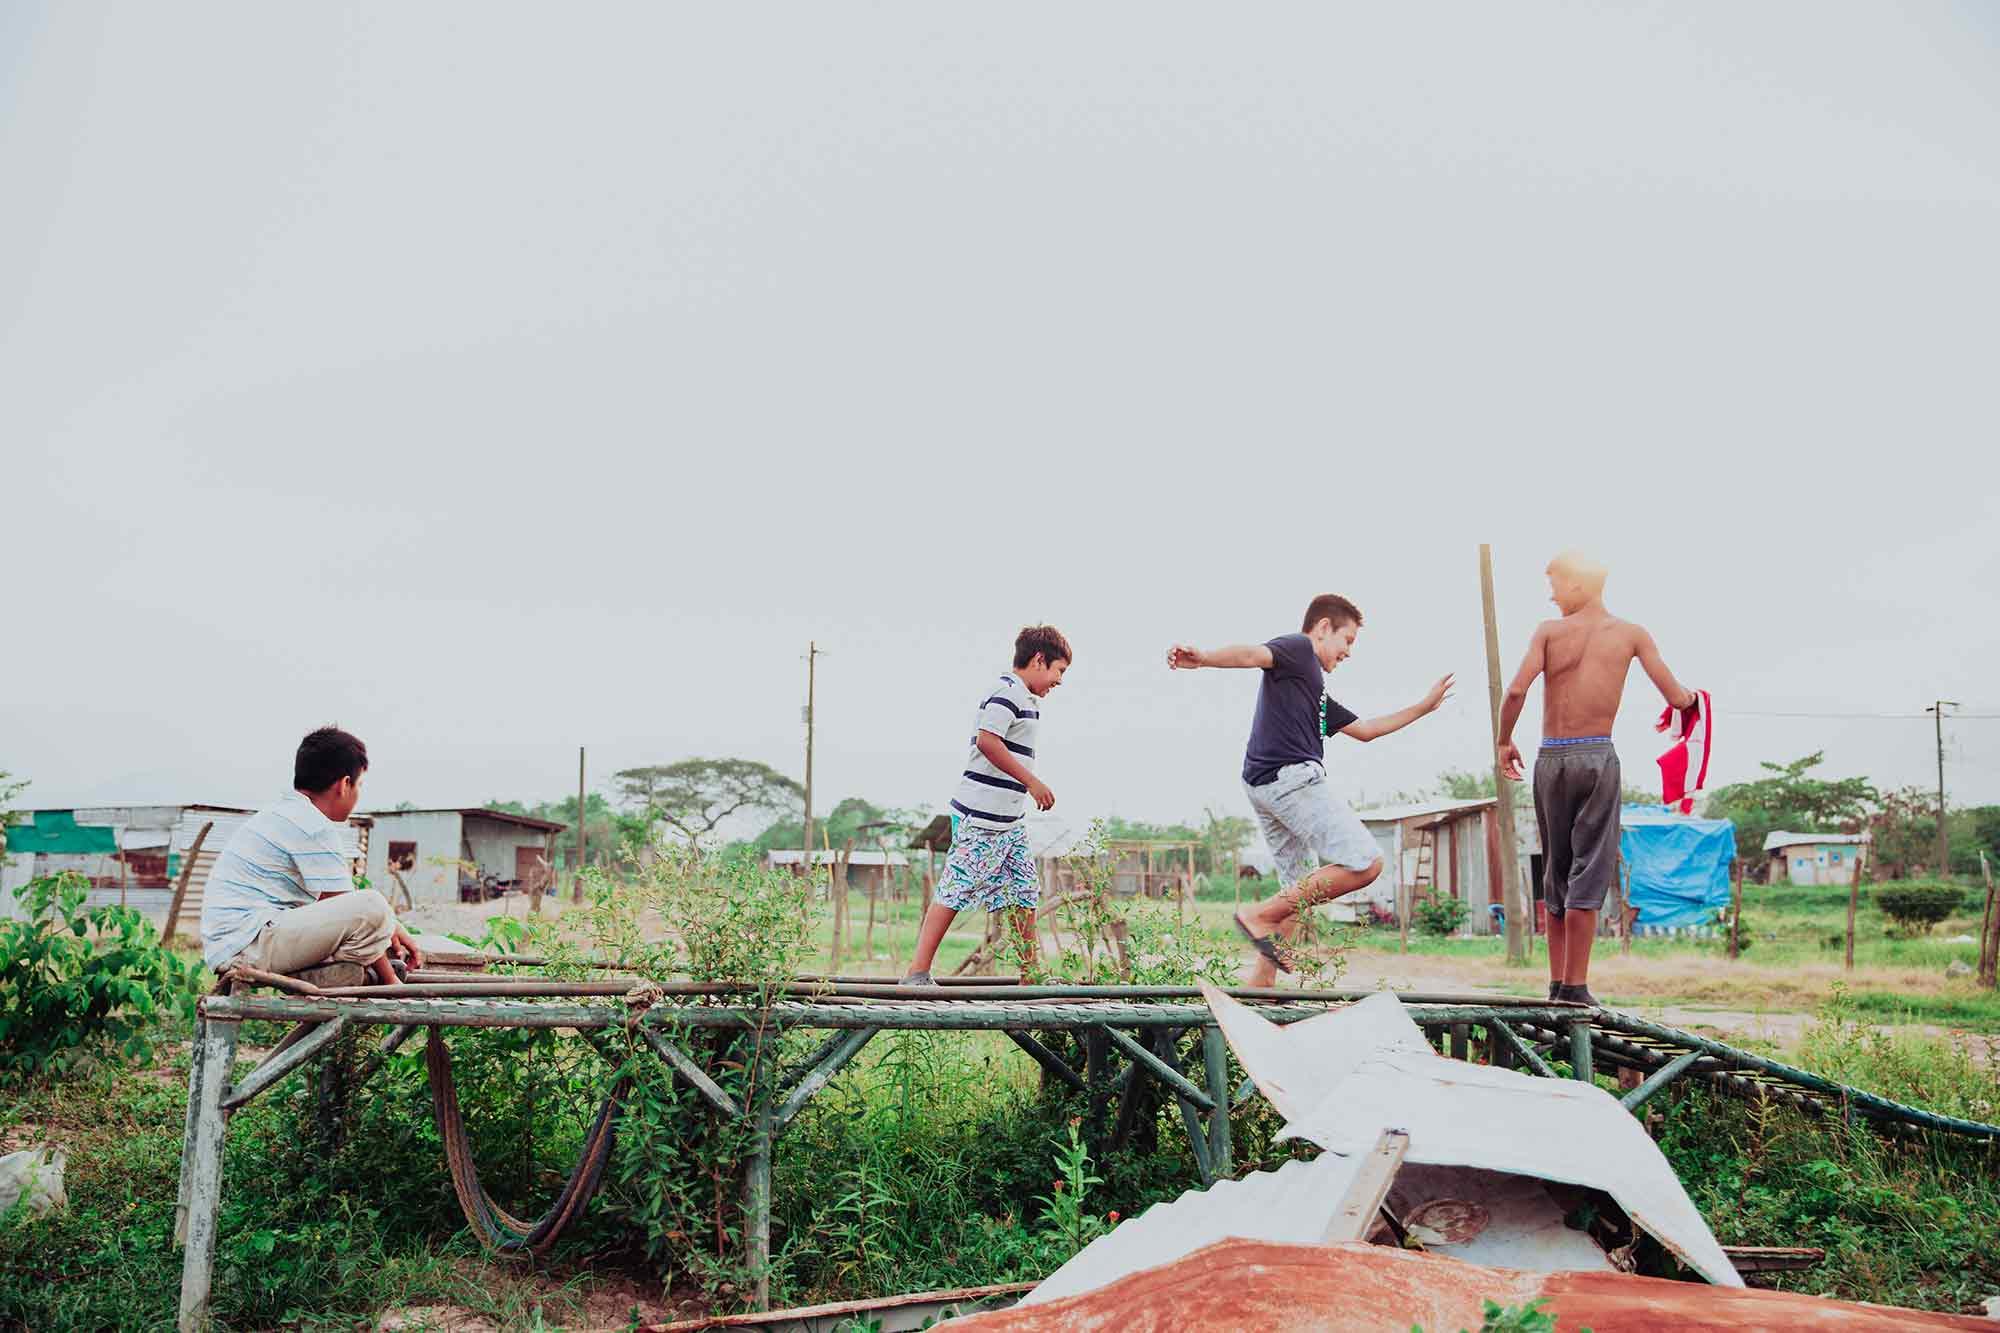 Niños jugando en un taller